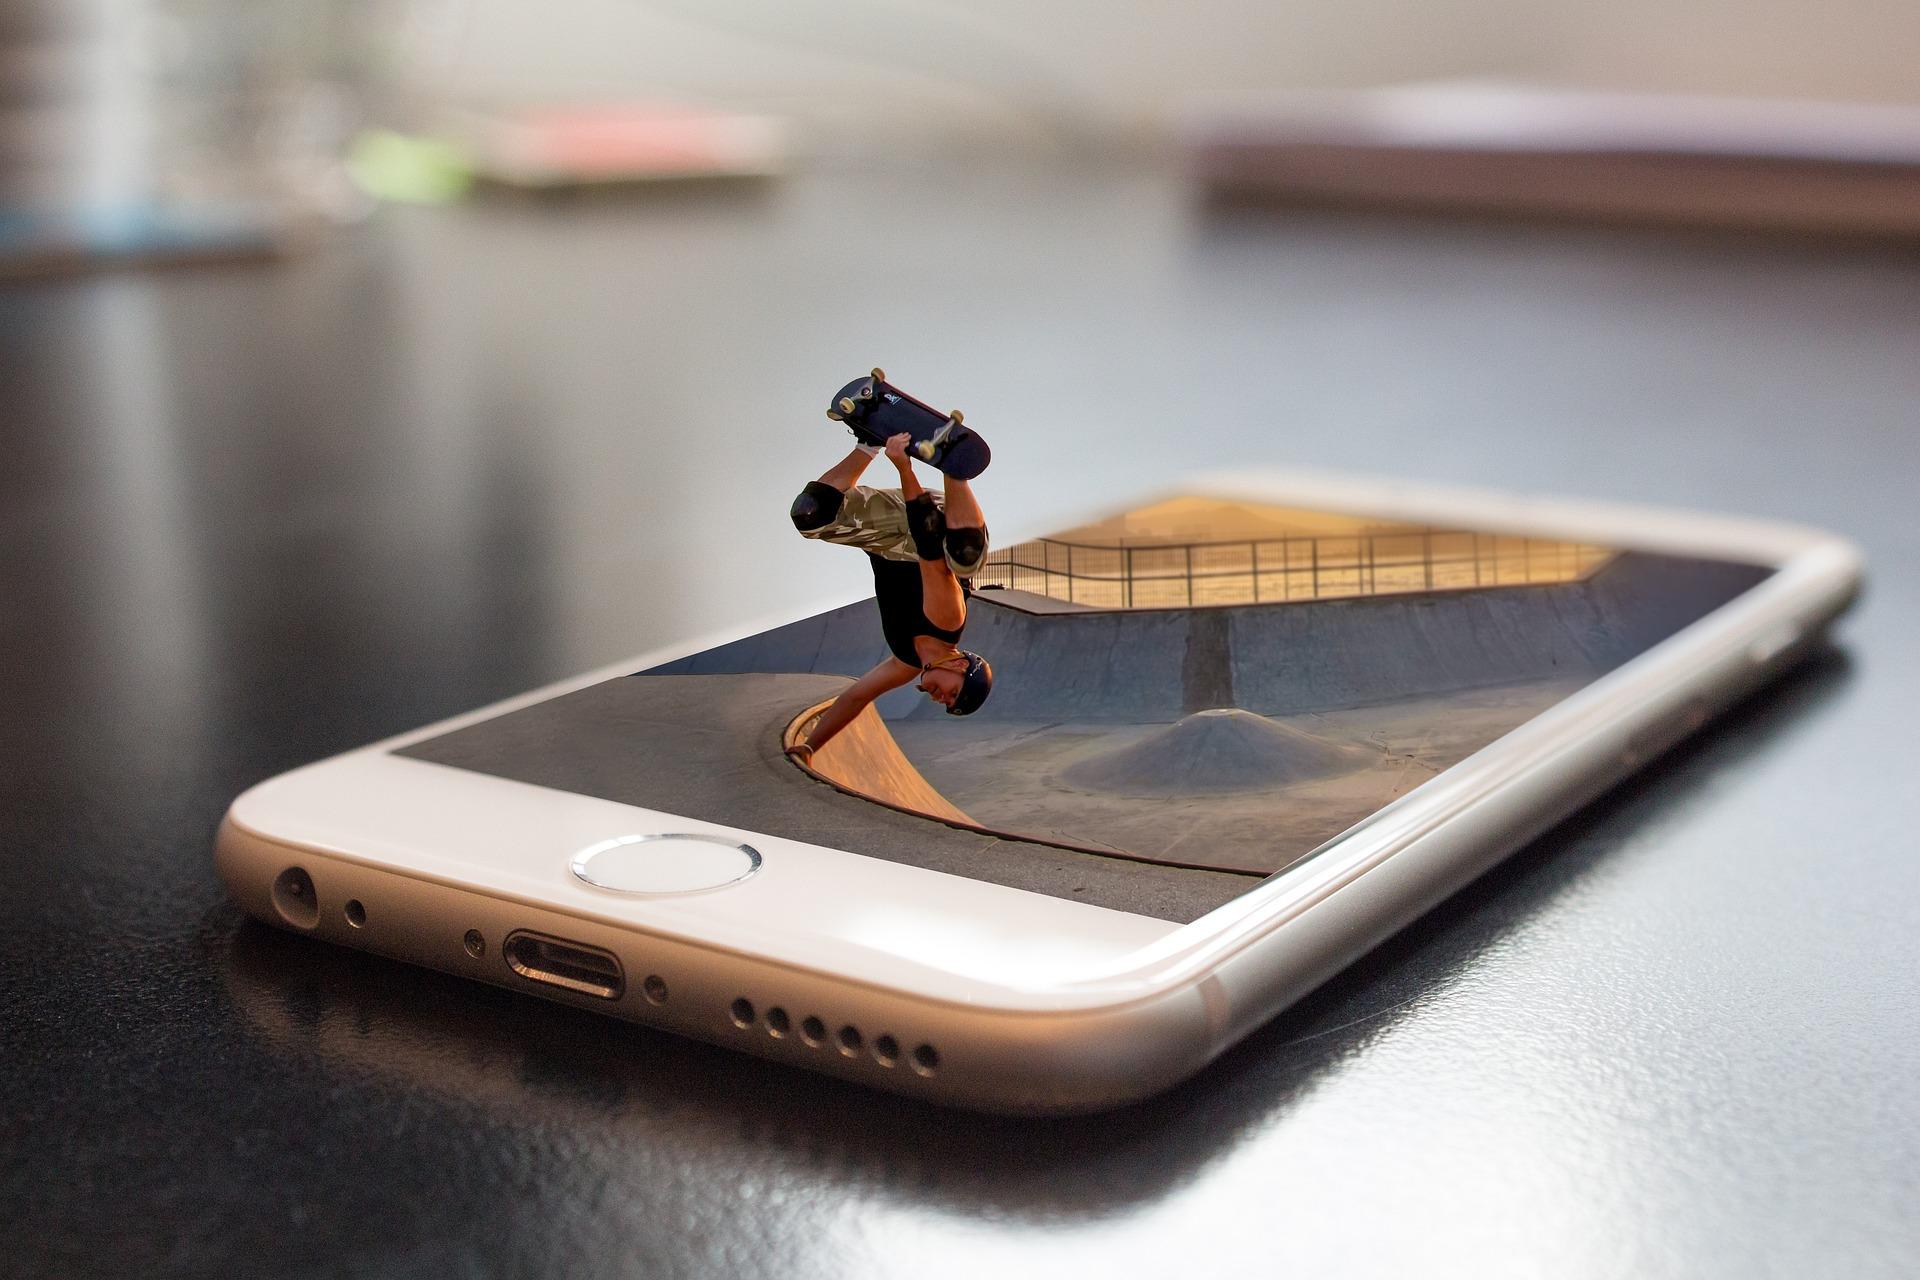 Cosa c'è dentro un cellulare?